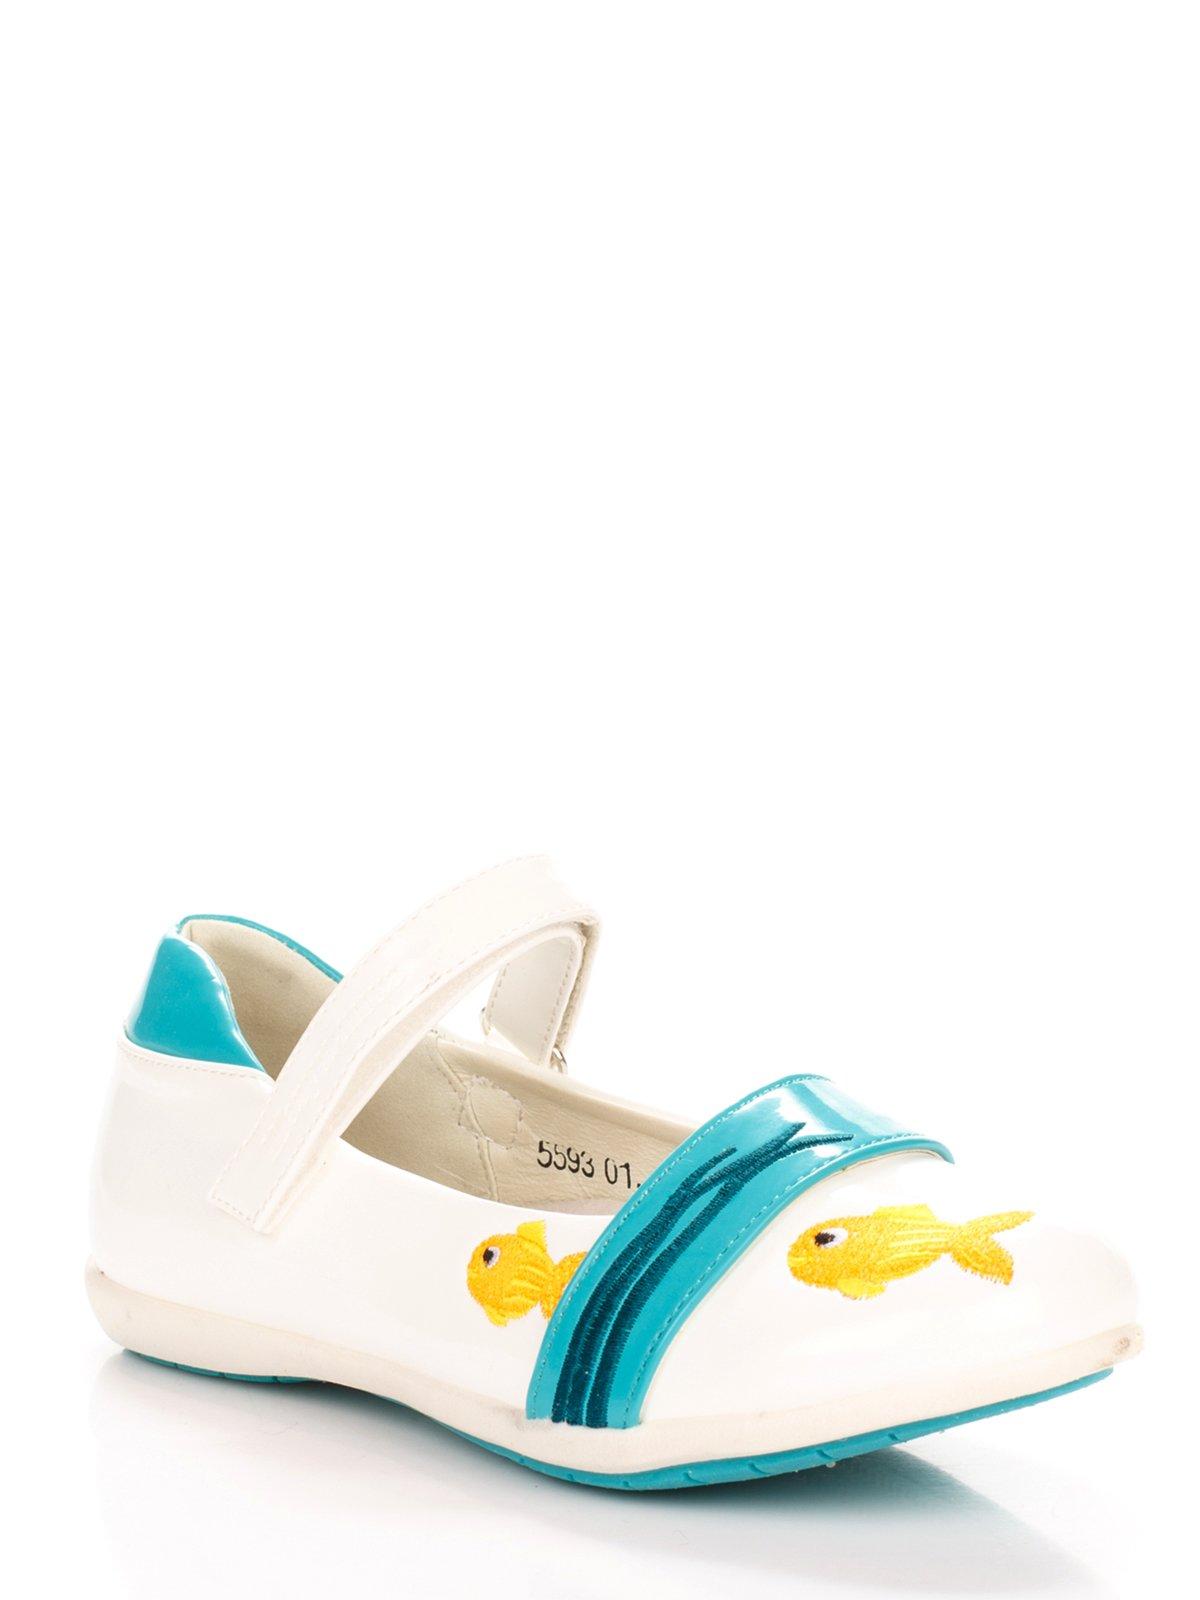 Туфлі біло-блакитні з вишивкою | 3919018